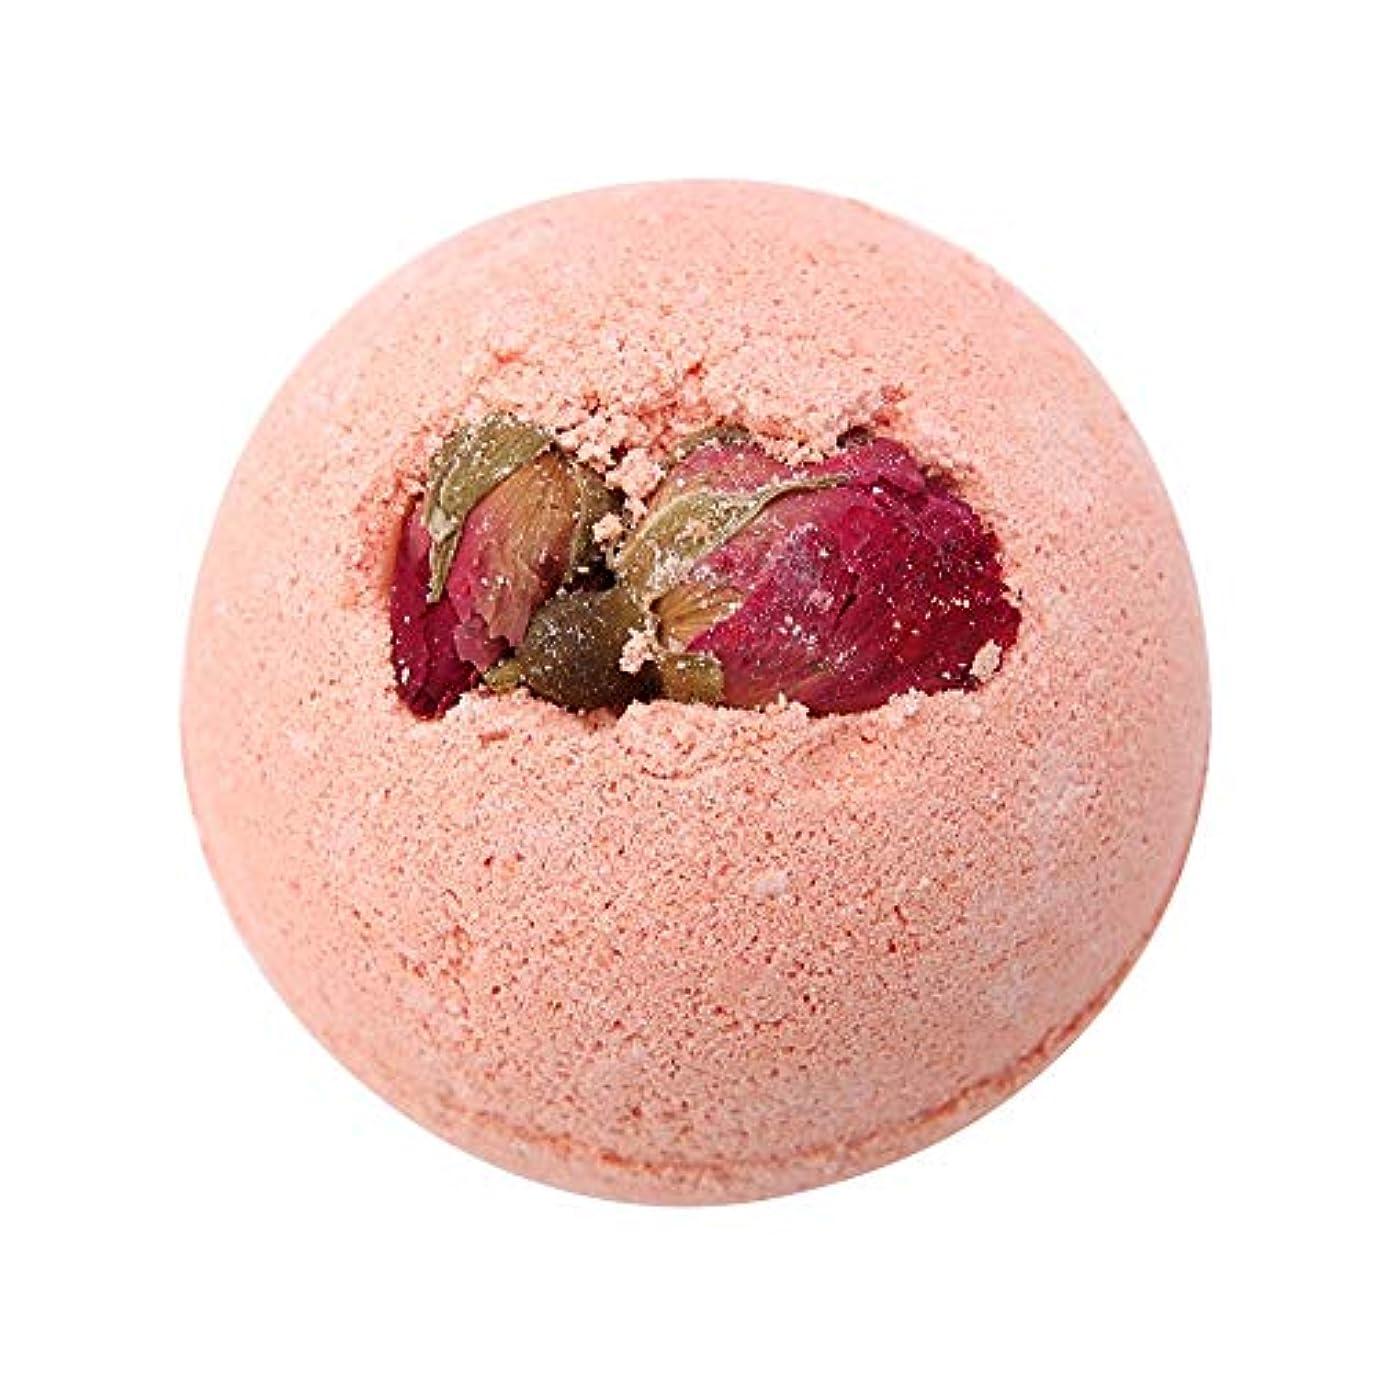 生命体欠如詳細に入浴剤 100%天然エッセンシャルオイル&ドライフラワー、アロマテラピーリラクゼーション乾燥肌、キューティクルの柔らかさ 泡風呂 ガールフレンドのアイデアギフト 女性 母親(Pink Rose)